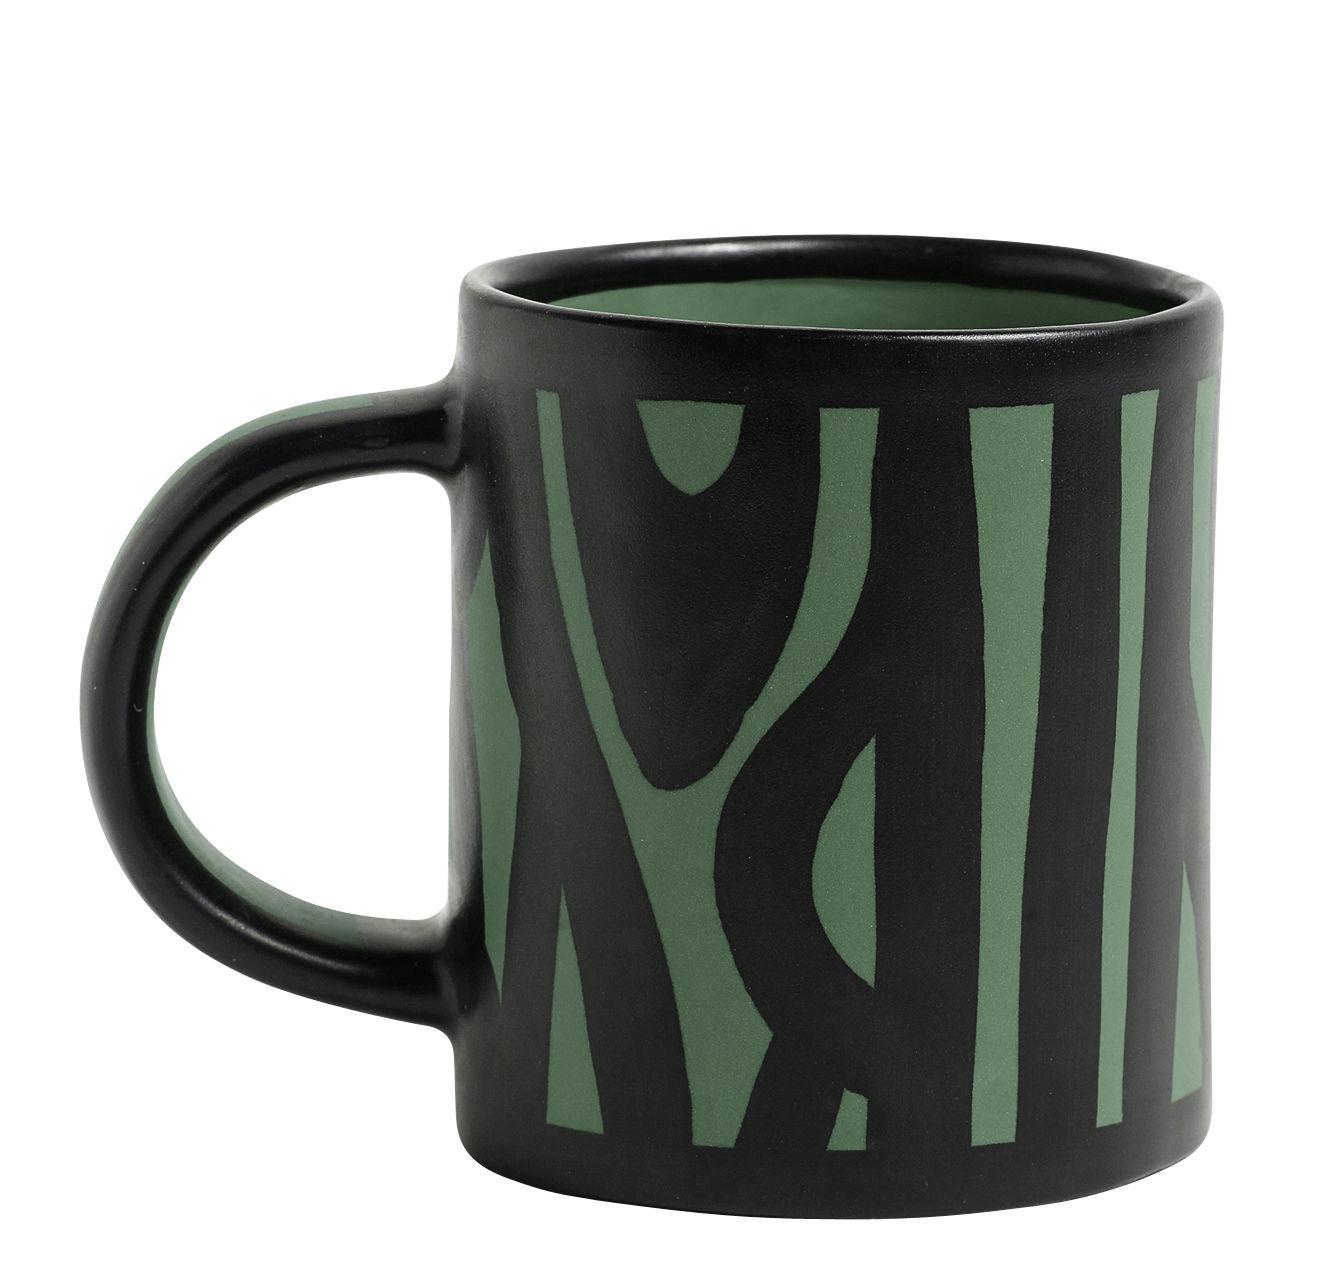 Arts de la table - Tasses et mugs - Mug Wood / Peint à la main - Hay - Vert foncé - Grès émaillé